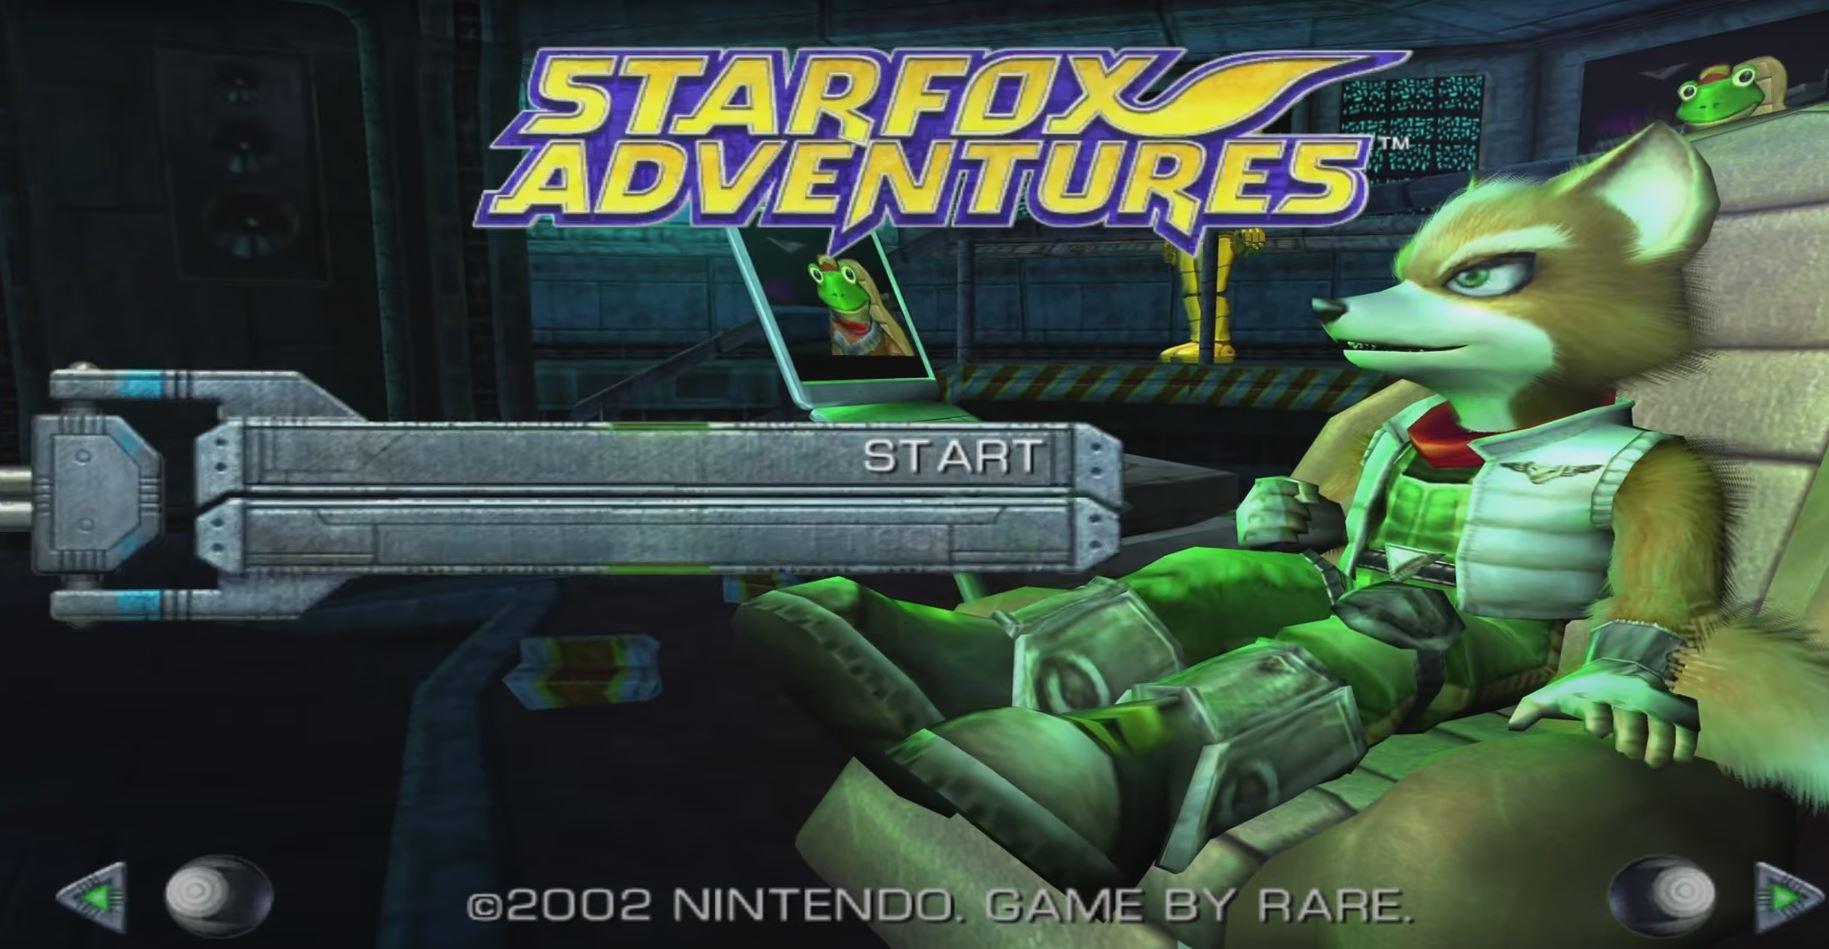 Star Fox Adventures: Der Todesstoß für das gesamte Star Fox-Franchise?